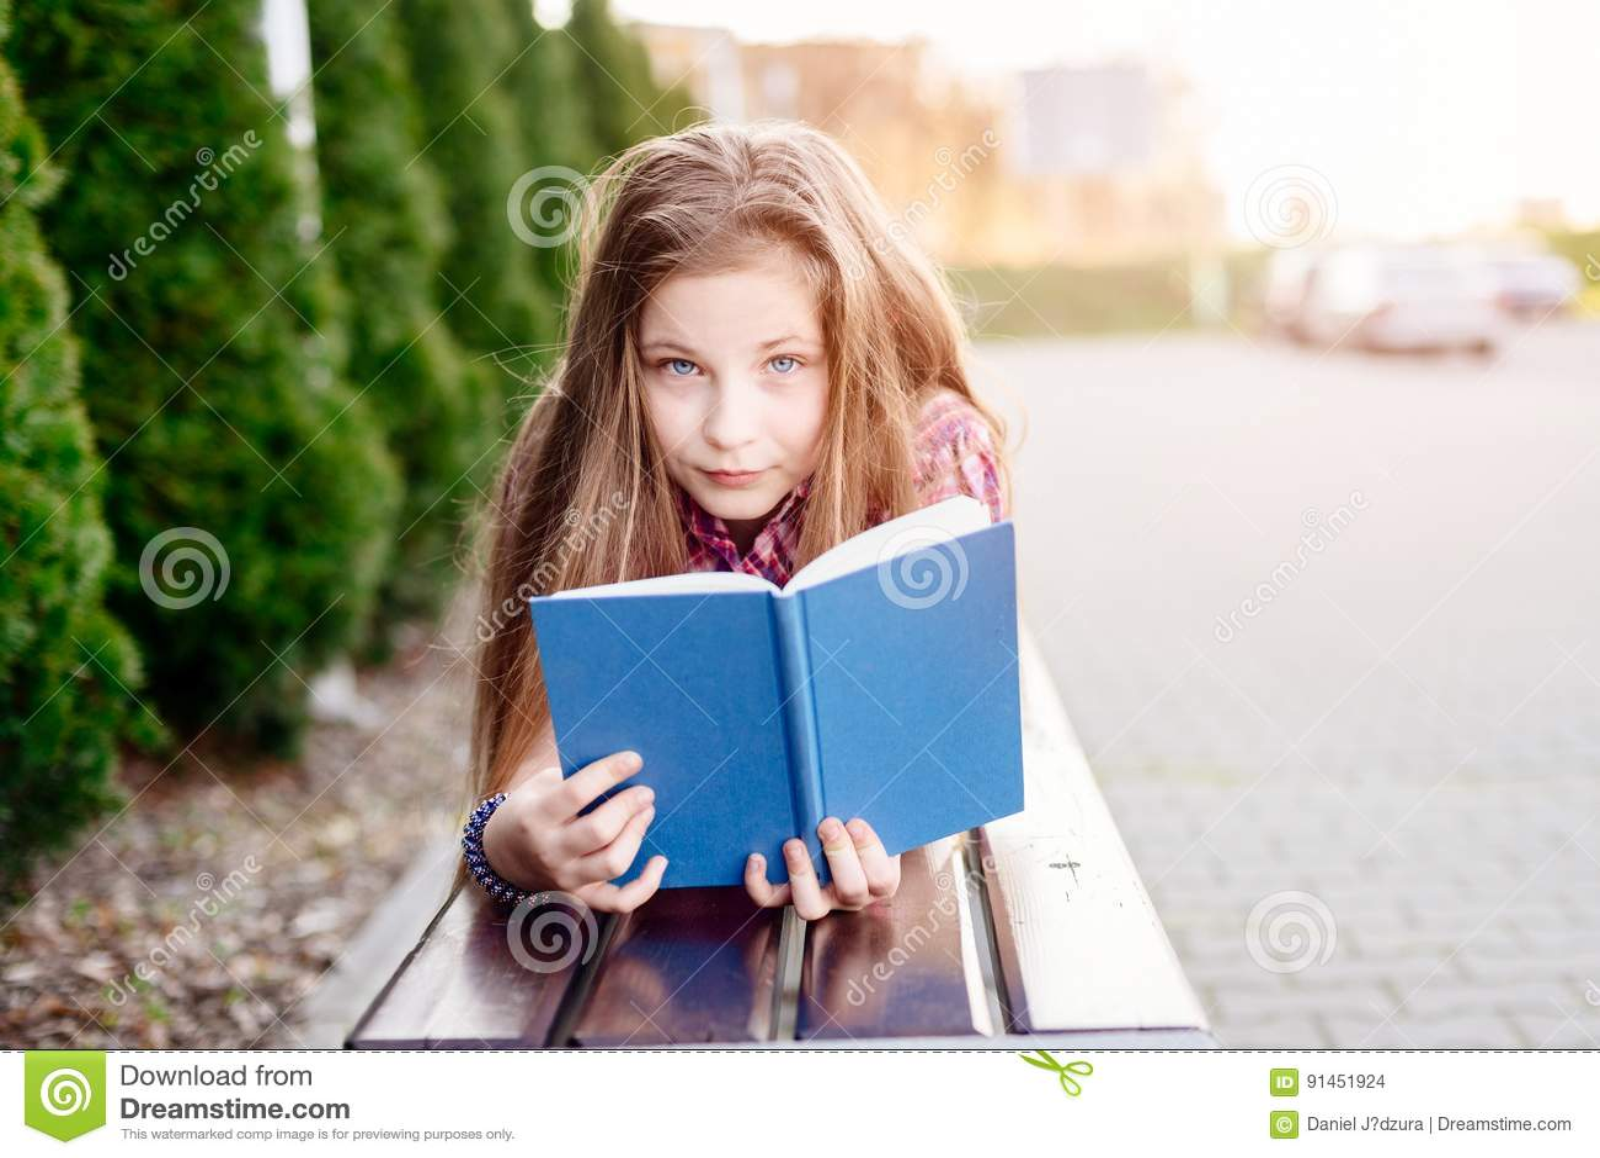 b1aa2378324 Χρονών ξανθό βιβλίο ανάγνωσης κοριτσιών μπλε ματιών τα δέκα στον πάγκο.  Περισσότερες παρόμοιες στοκ εικόνες